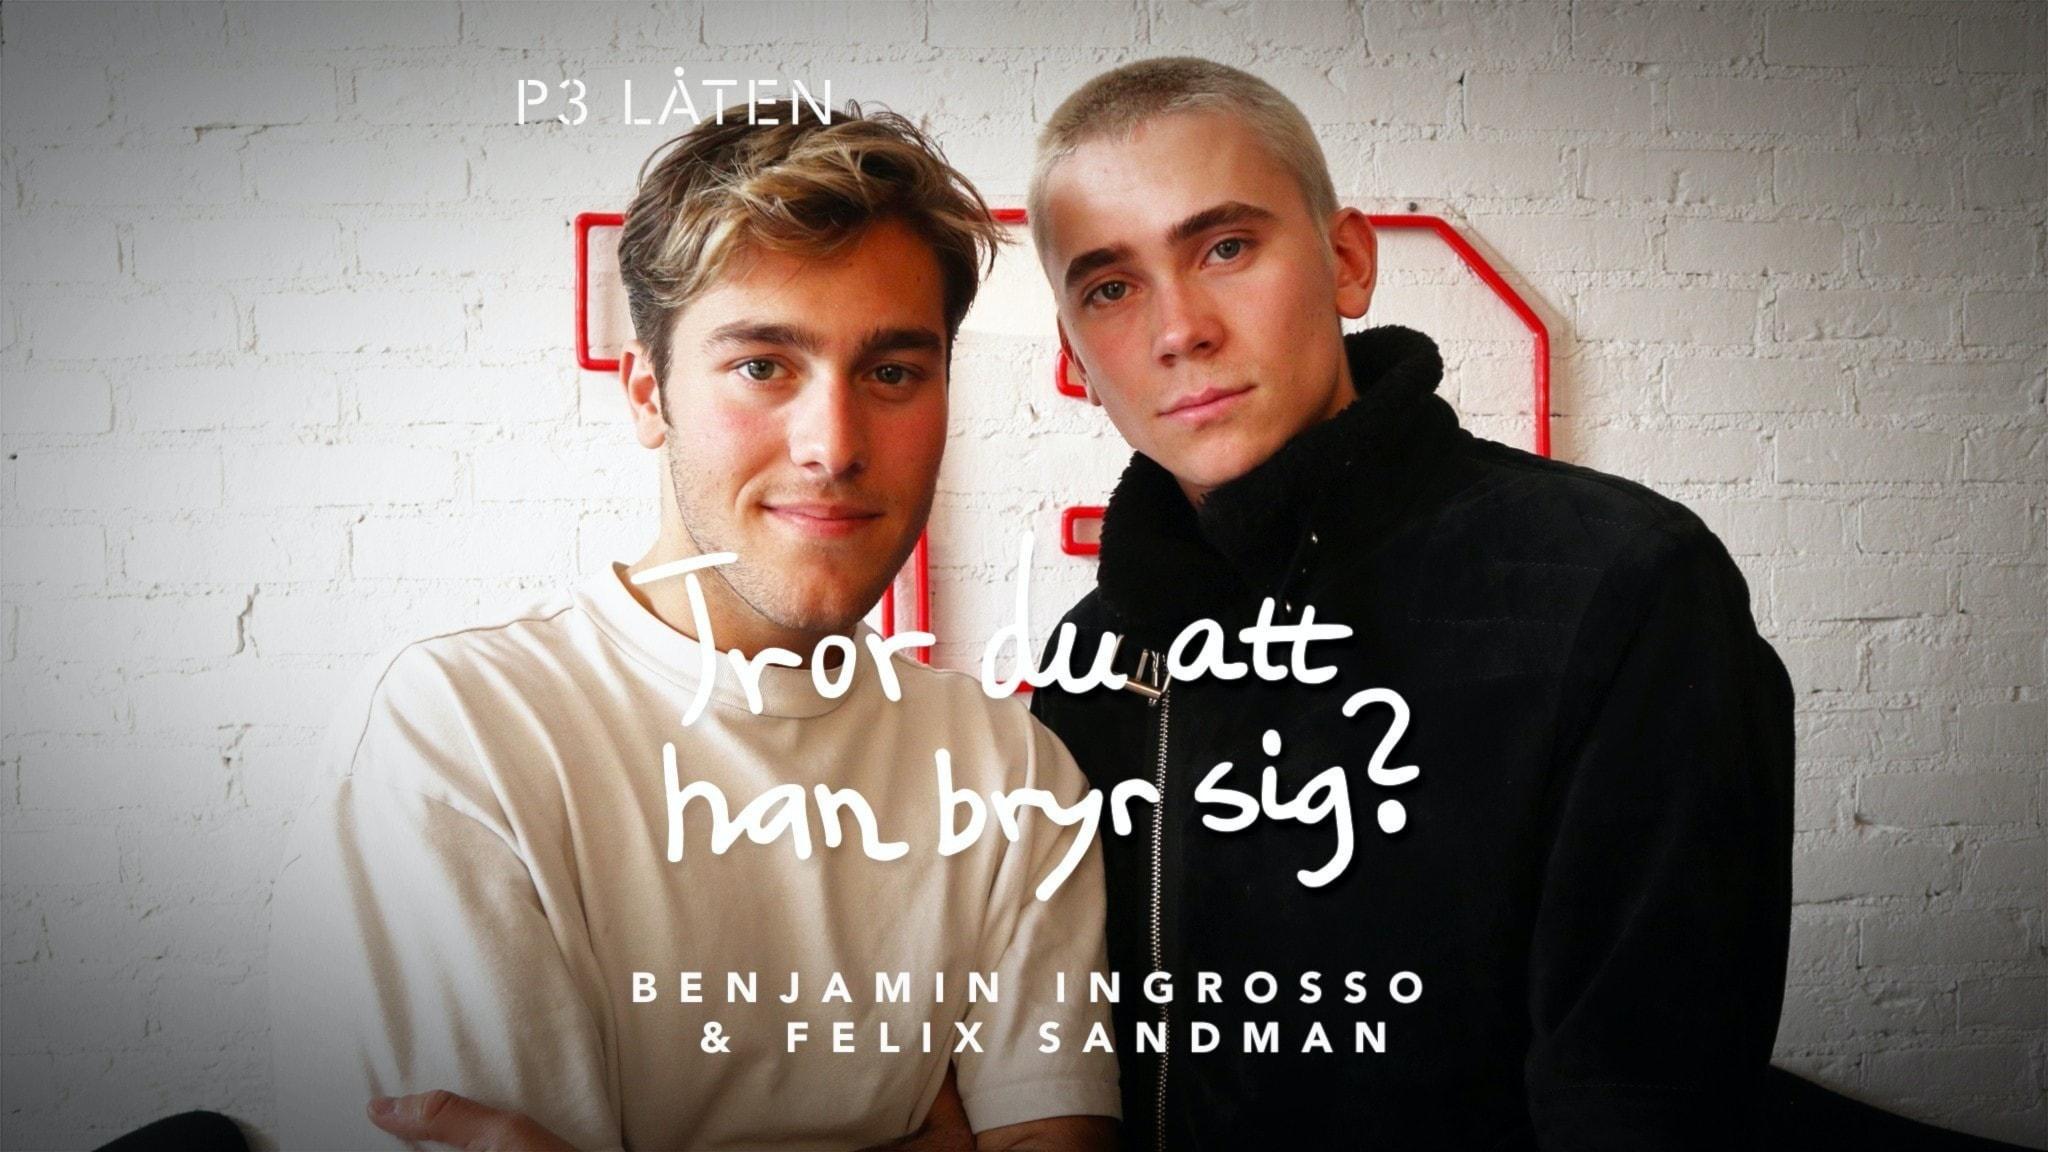 """Podden P3 Låten: Benjamin Ingrosso & Felix Sandman om låten """"Tror du att han bryr sig?"""""""